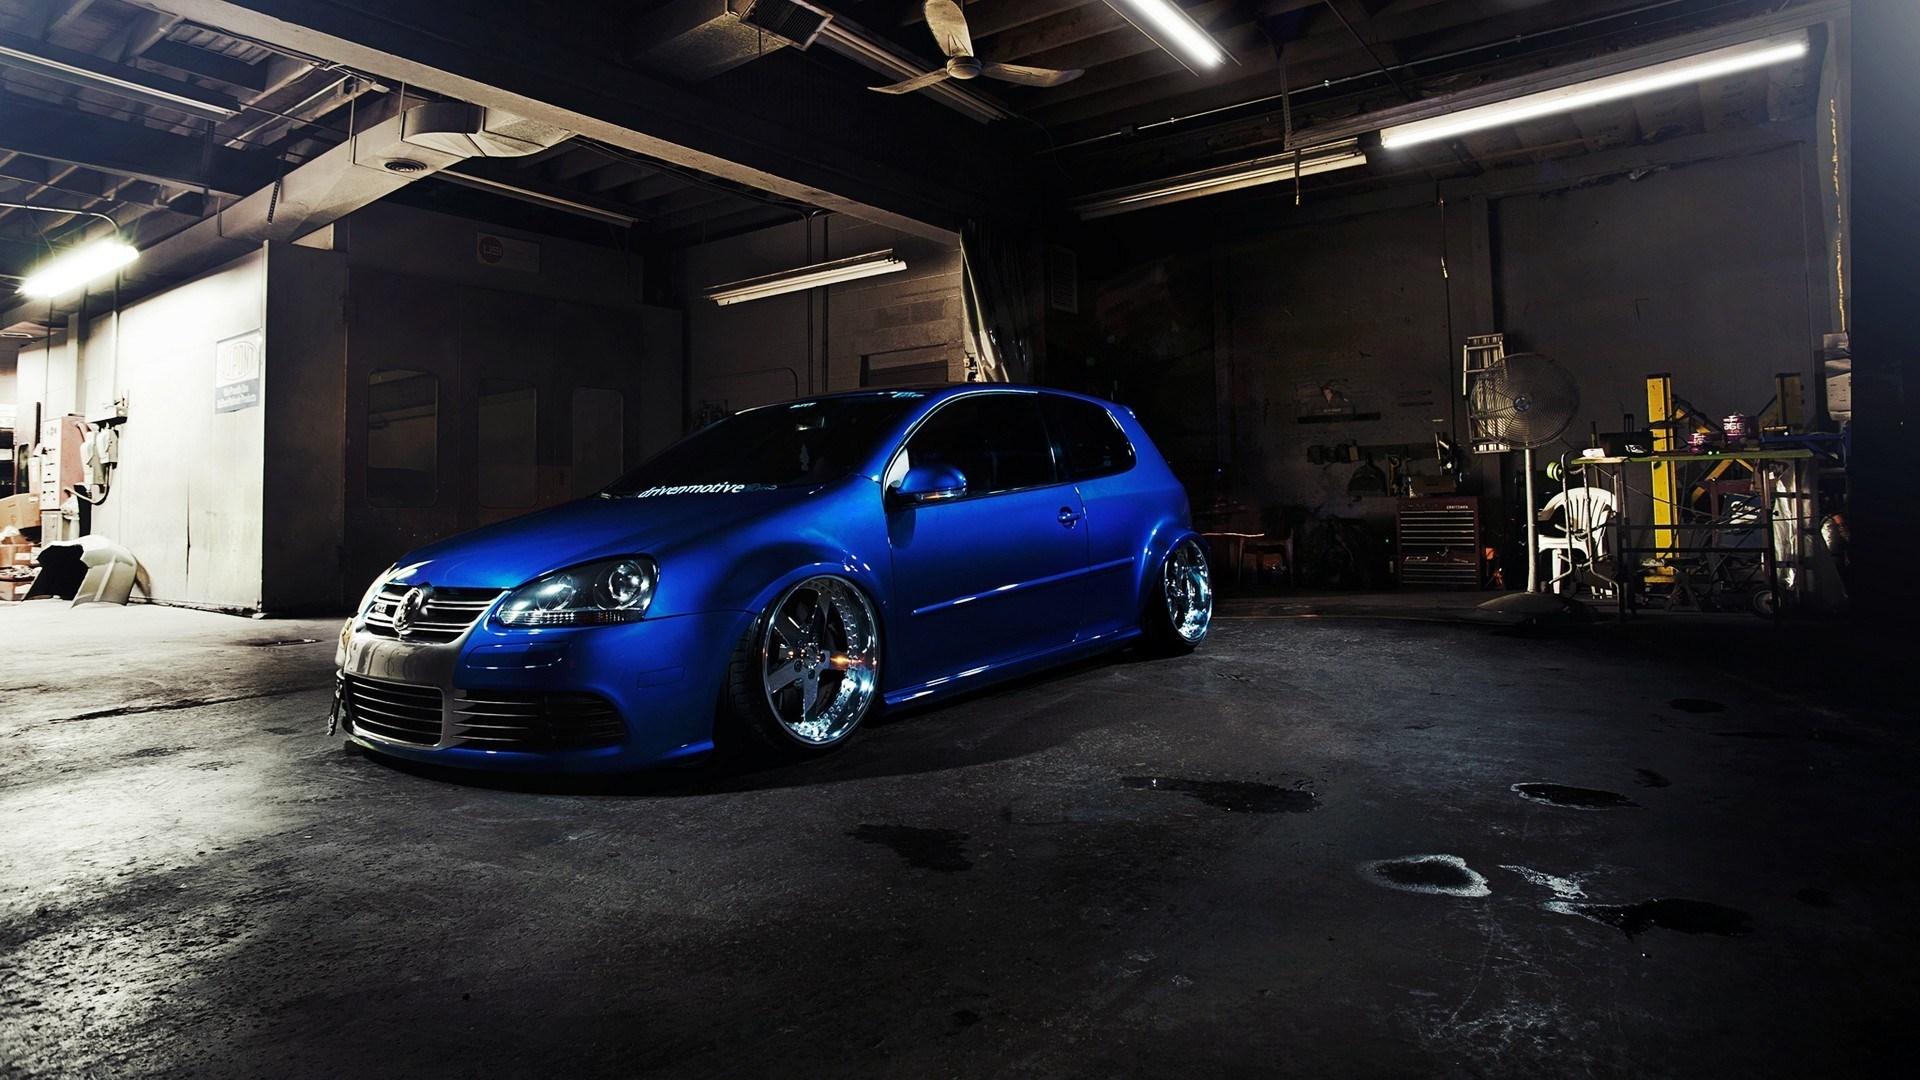 Volkswagen Wallpaper Background PC